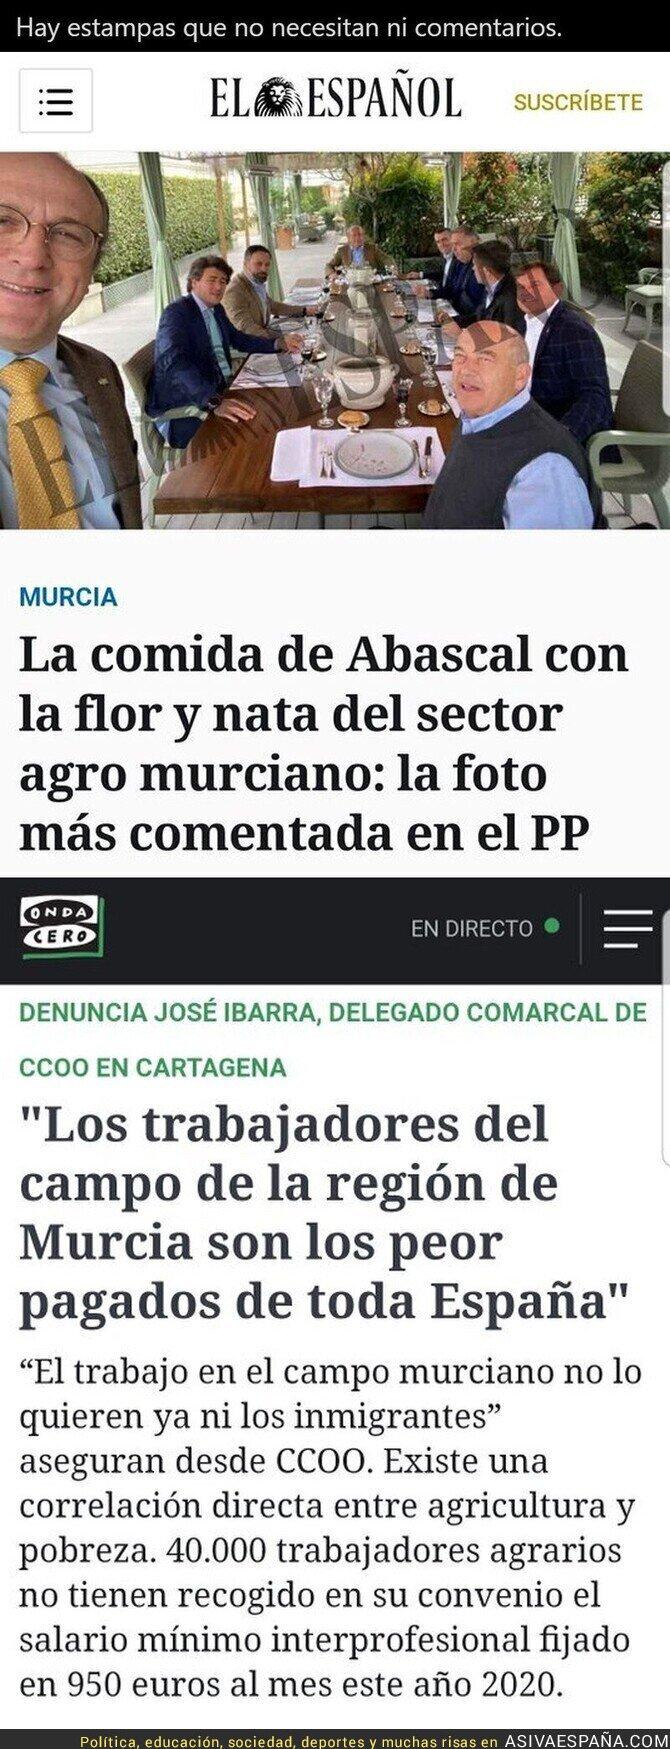 697542 - Sin comentarios lo de Abascal con los del campo en Murcia